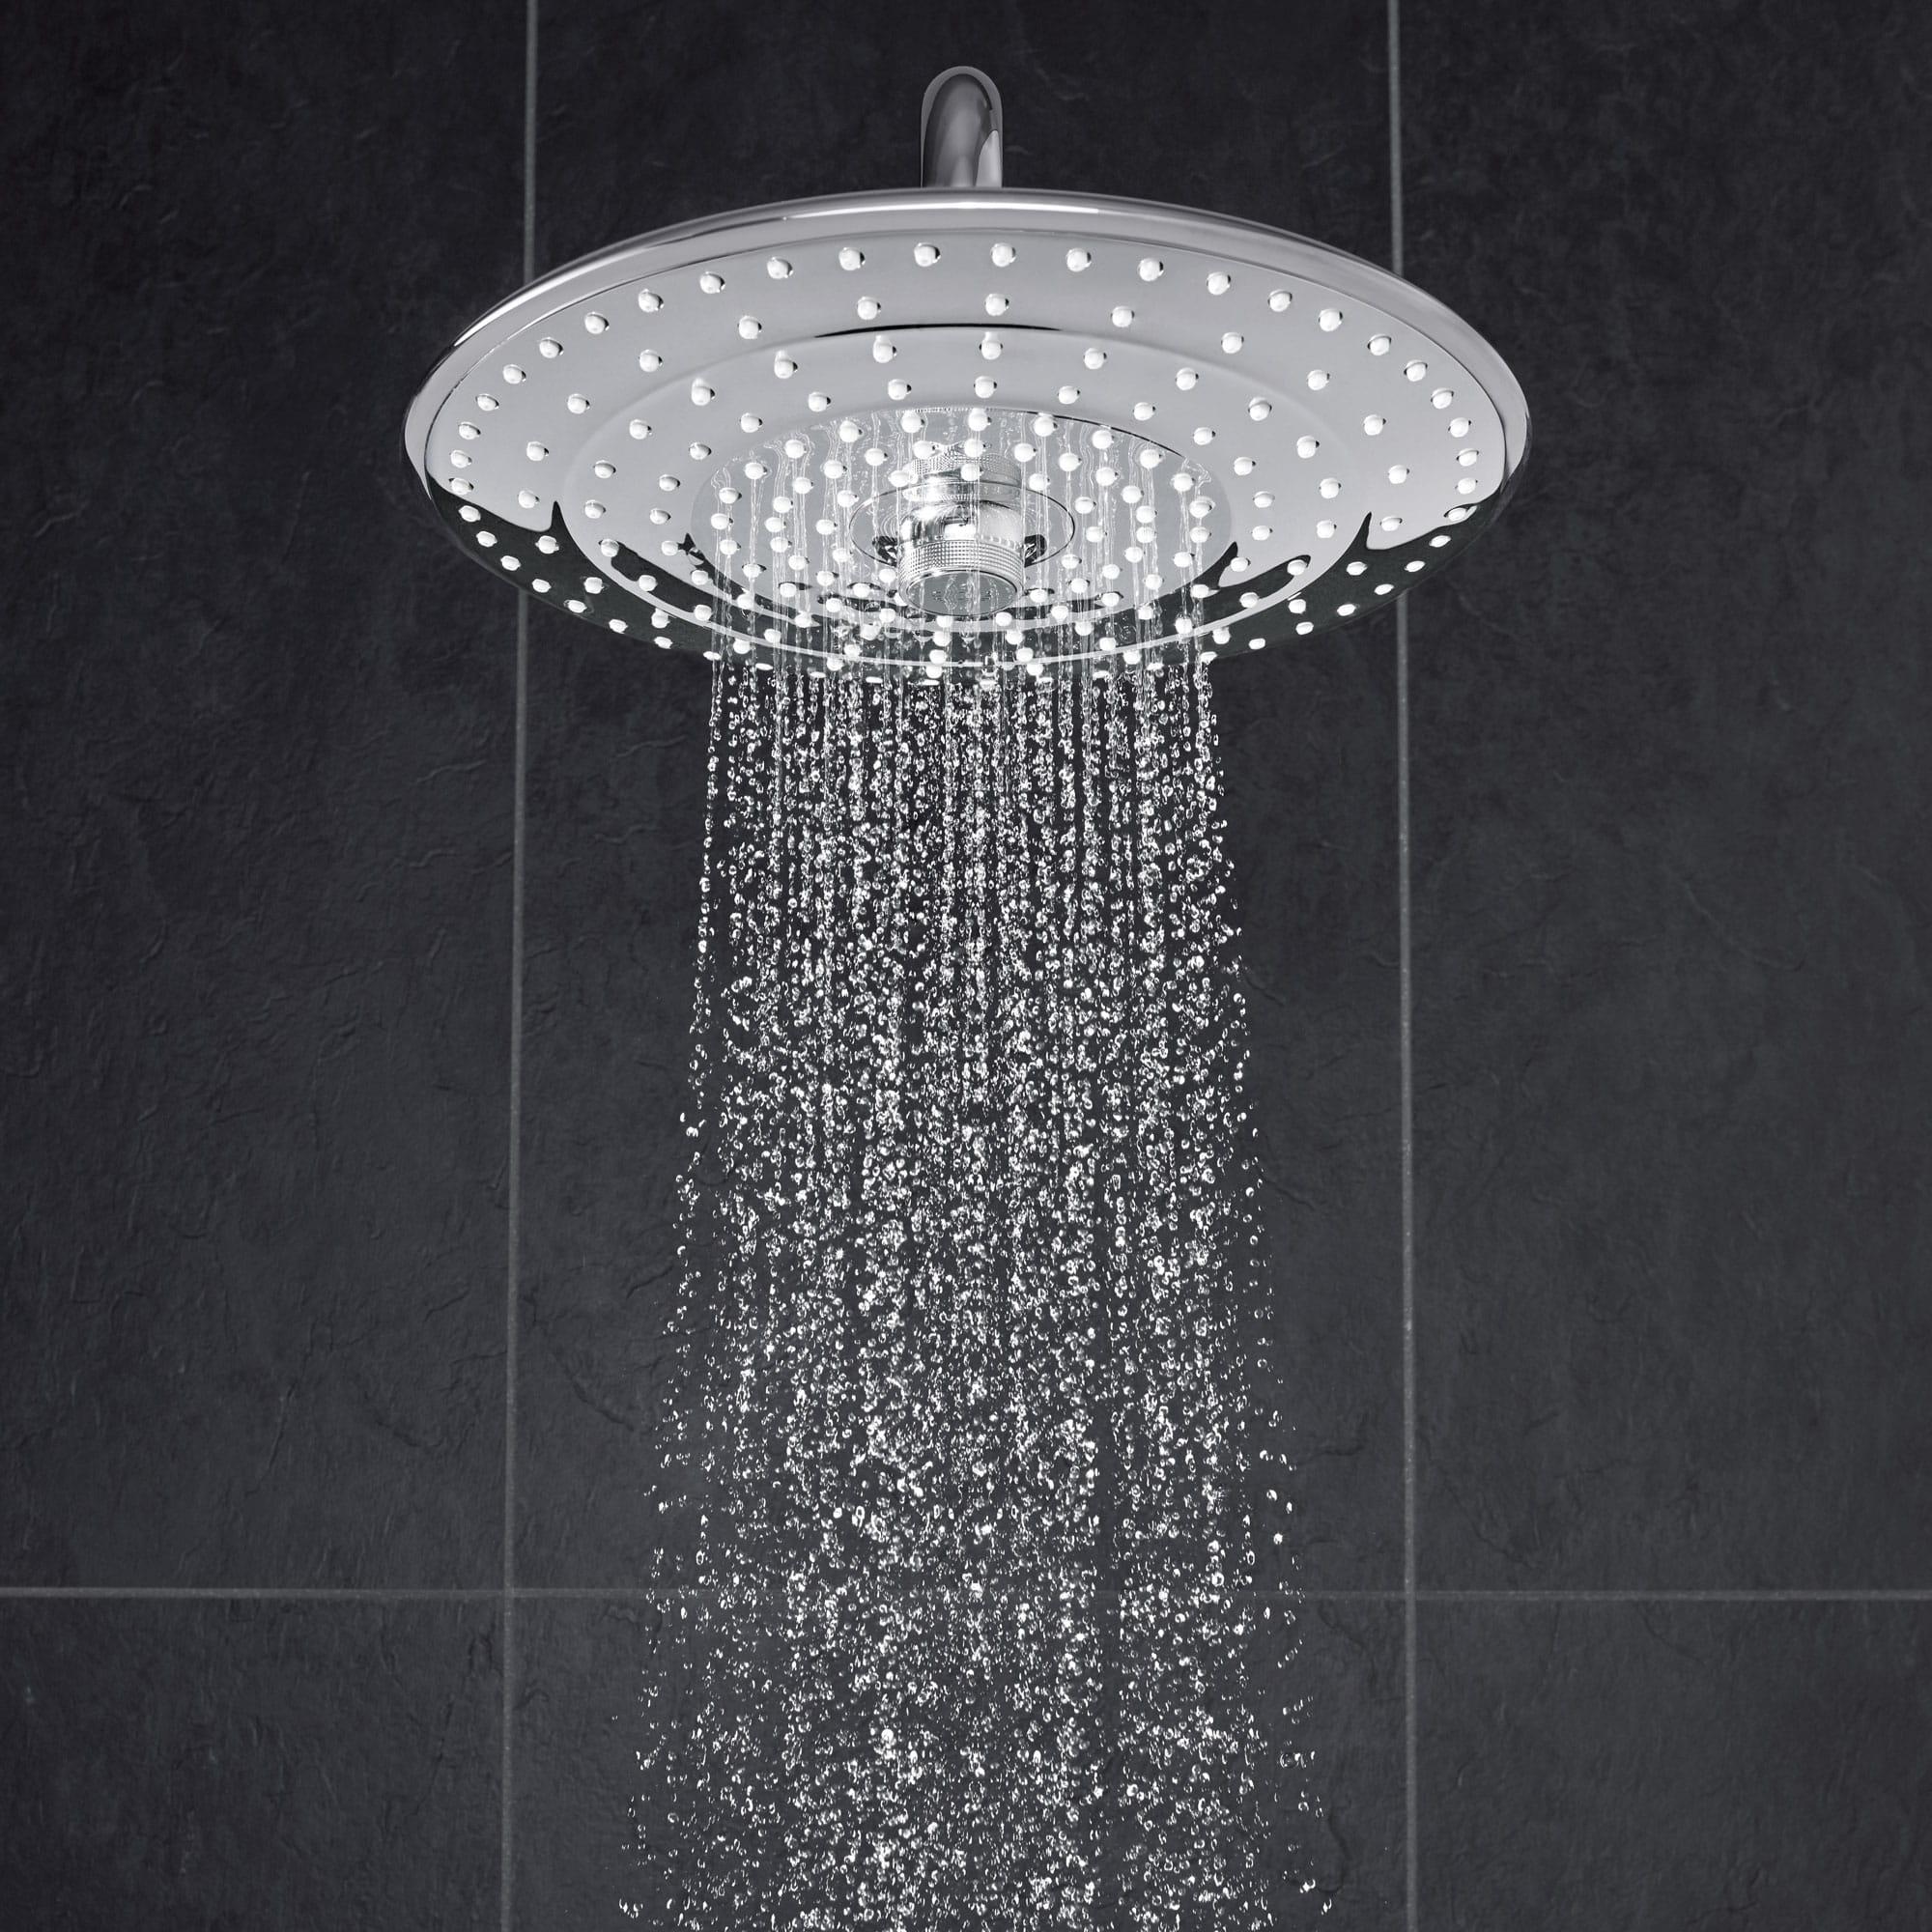 Euphoria Showerhead spraying water